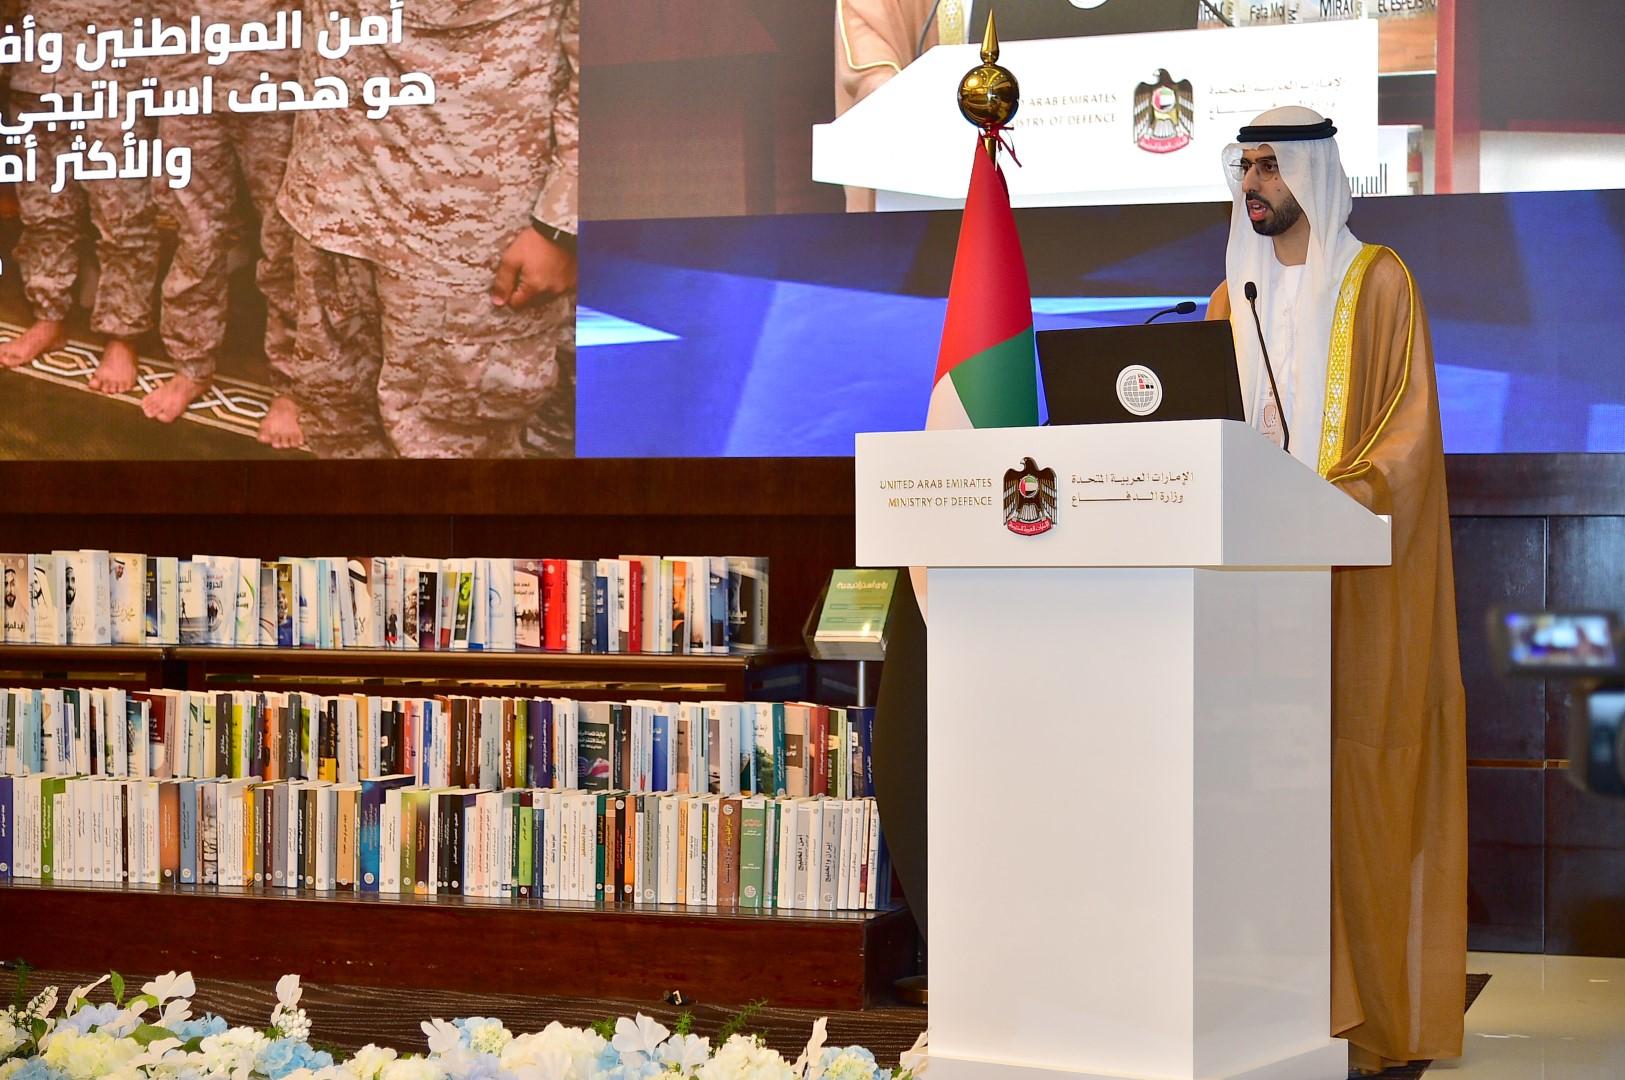 برعاية محمد بن راشد.. انطلاق مؤتمر وزارة الدفاع الرابع لحروب القرن الـ21 في أبوظبي